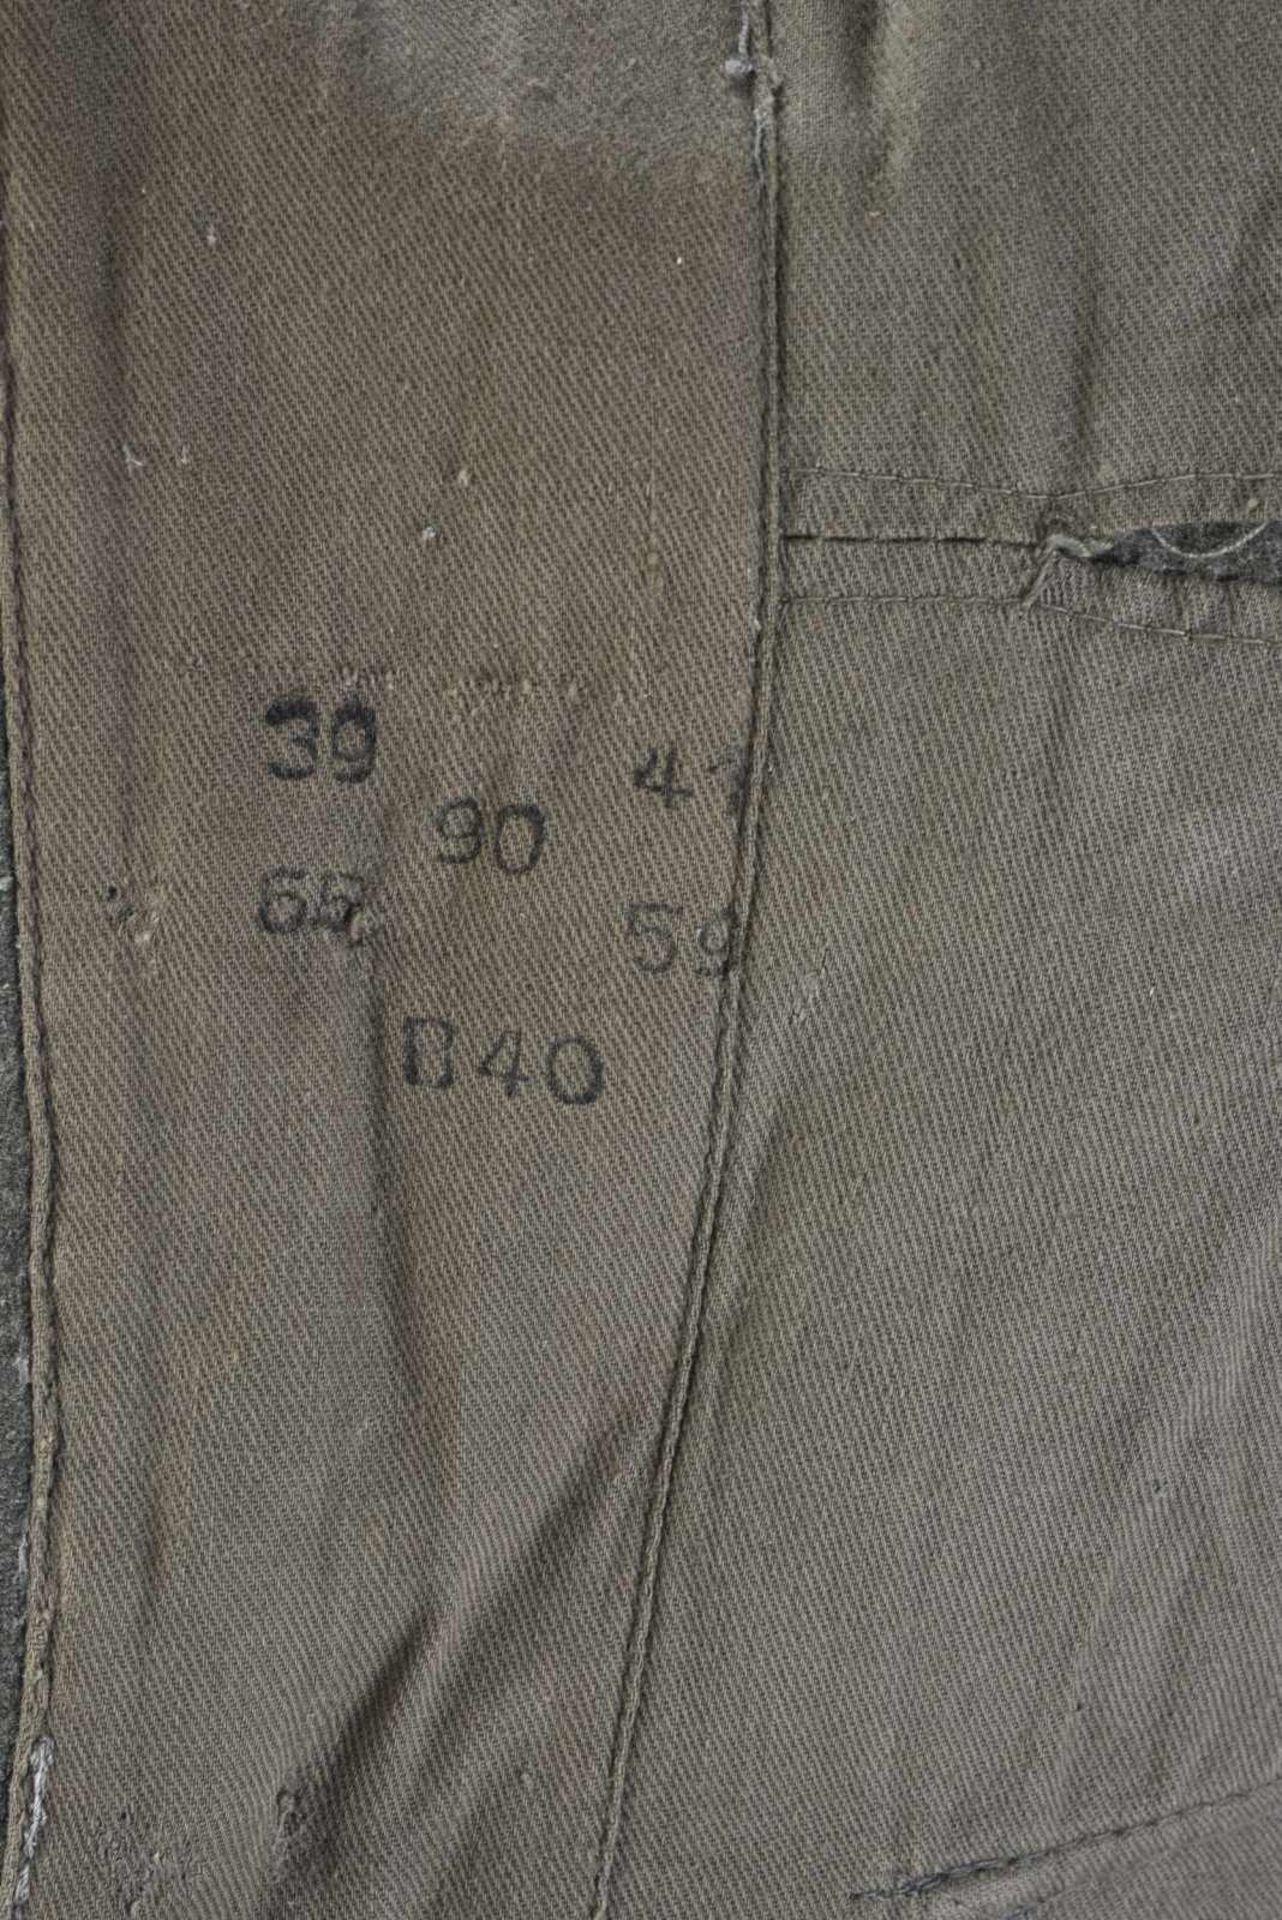 Vareuse de Feldwebel d'infanterie modèle 36 en tissu laineux Feldgrau, tous les boutons sont - Bild 2 aus 4